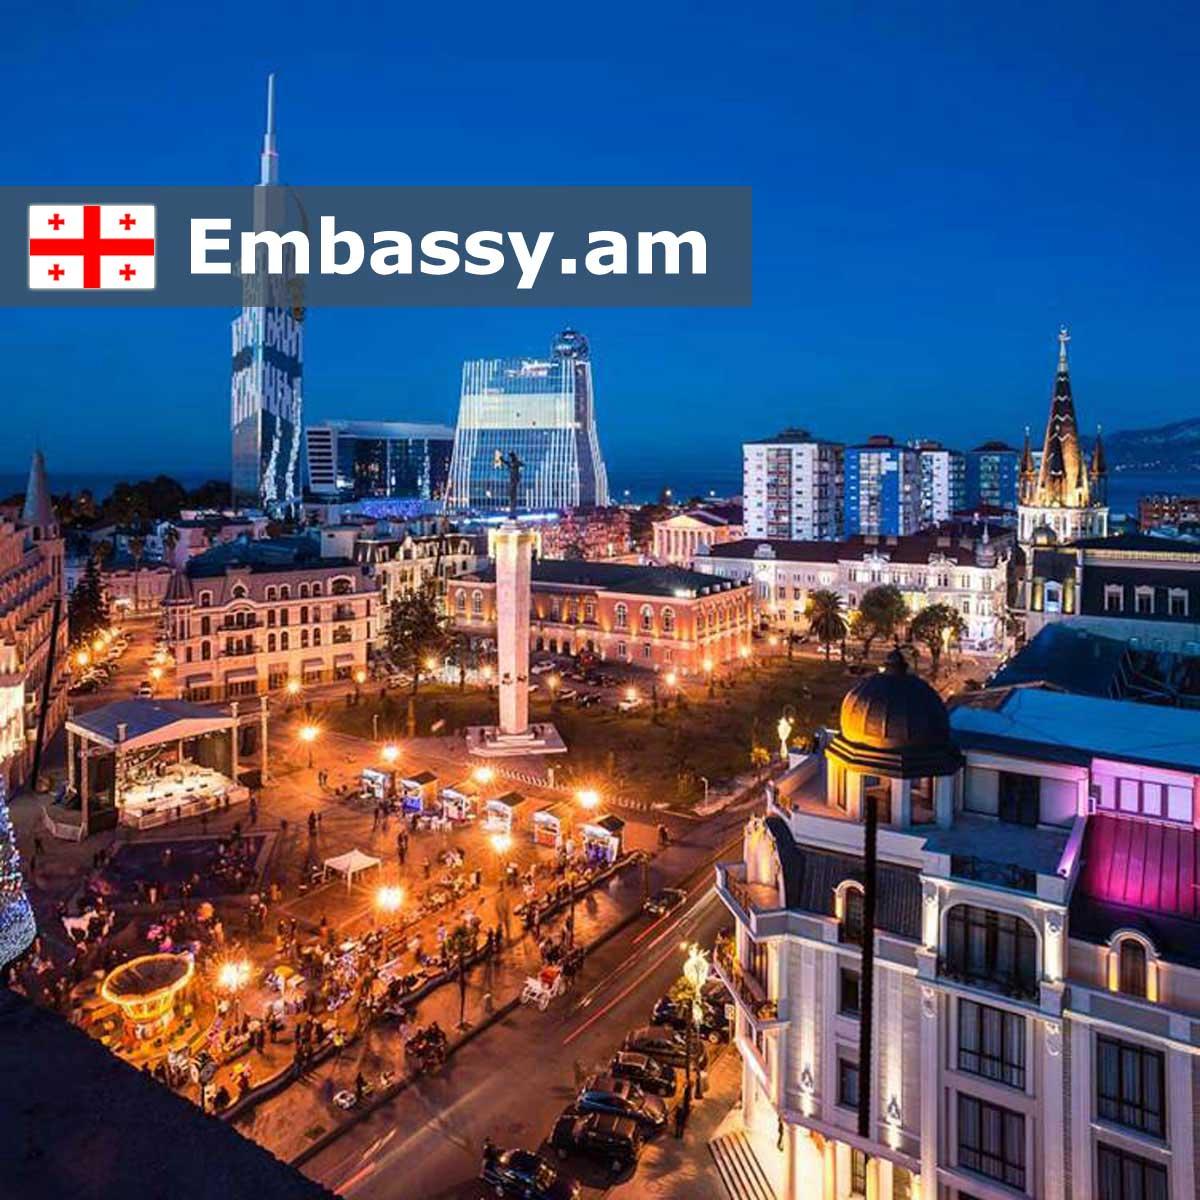 Батуми - Отели в Грузии - Embassy.am